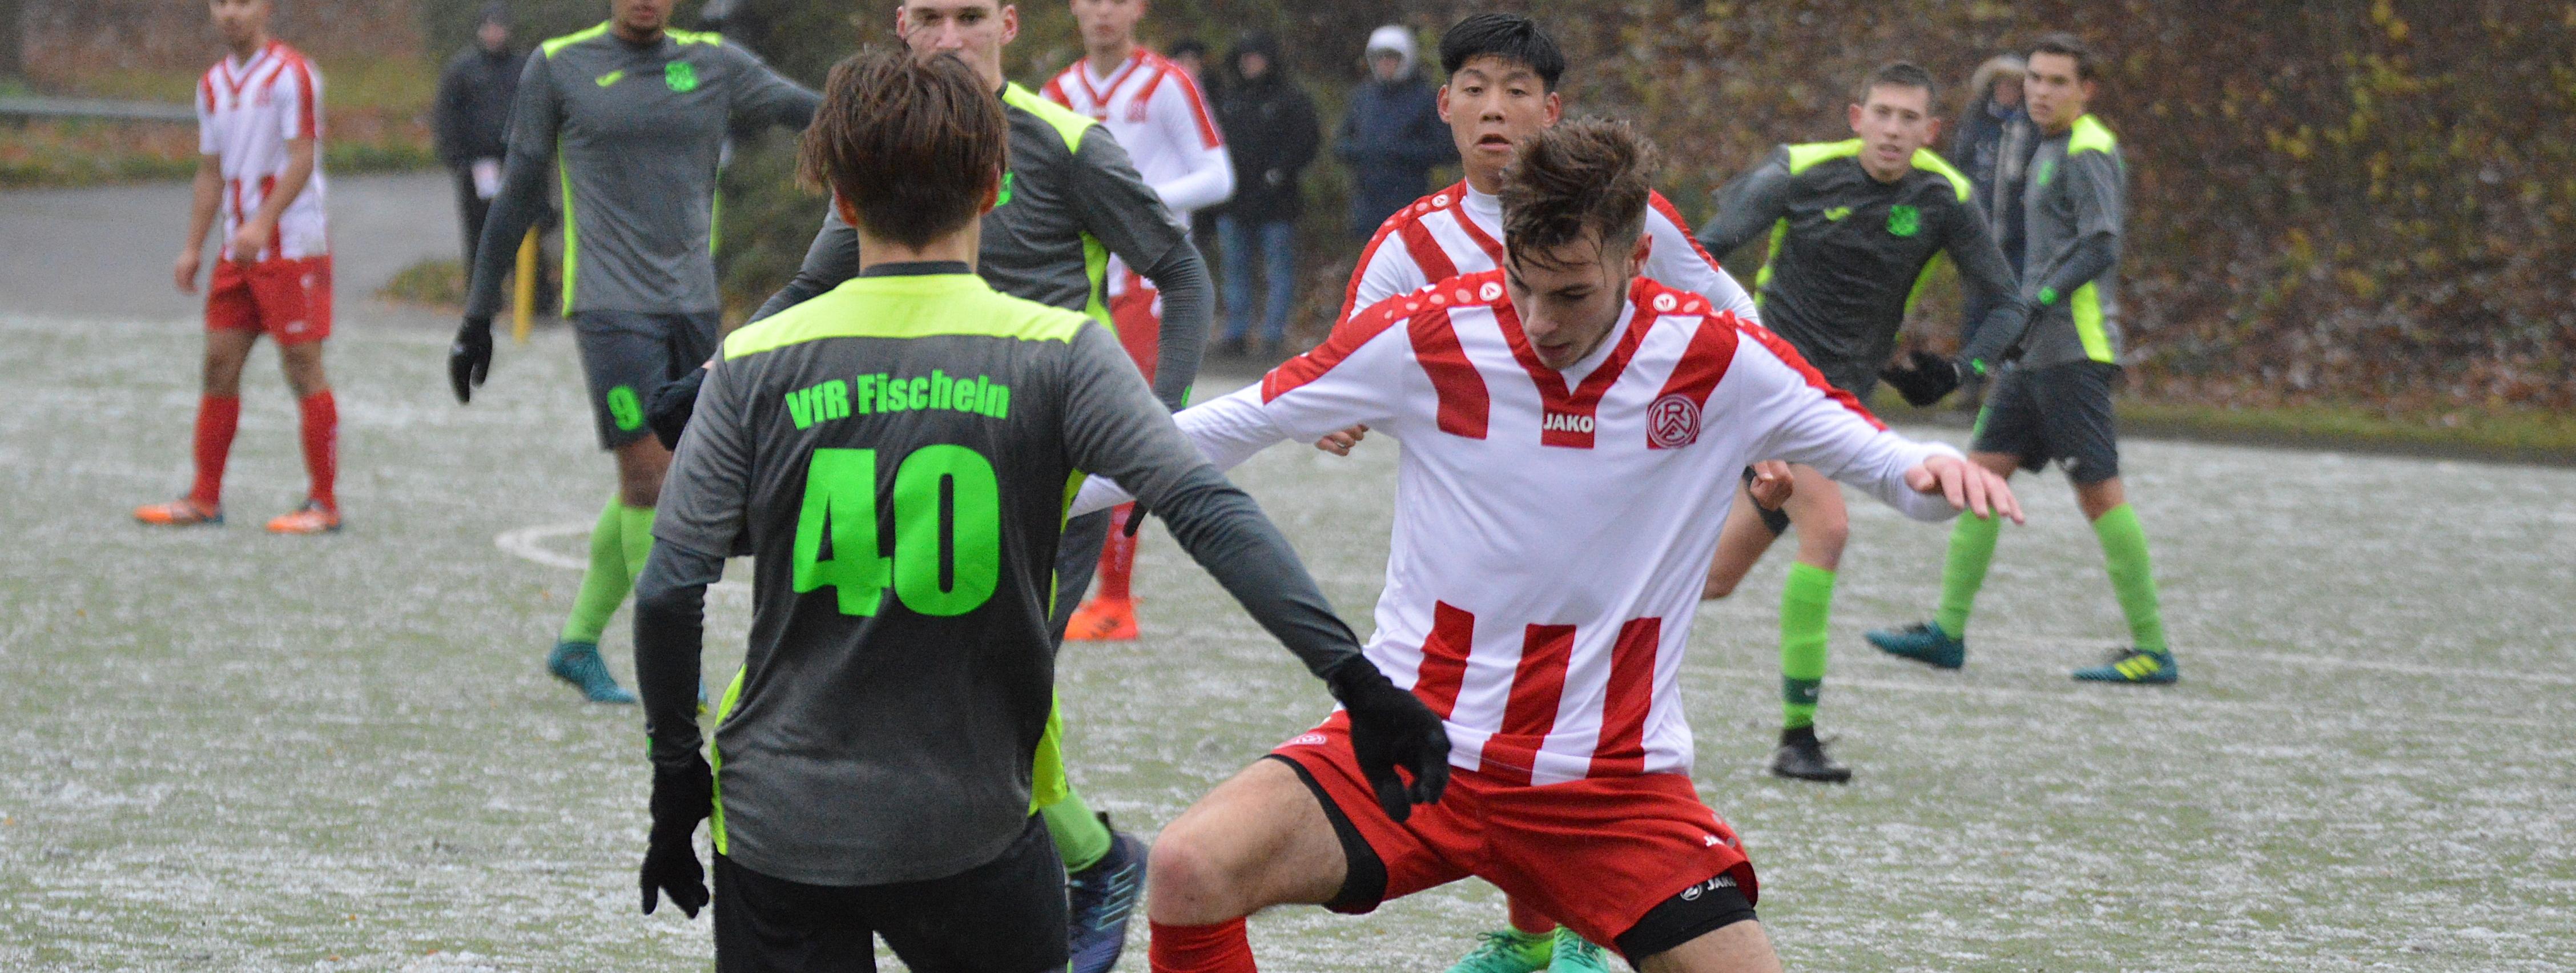 Die U19 von Rot-Weiss Essen setzte sich am Sonntag knapp gegen den VfR Fischeln durch. (Foto: Skuppin)